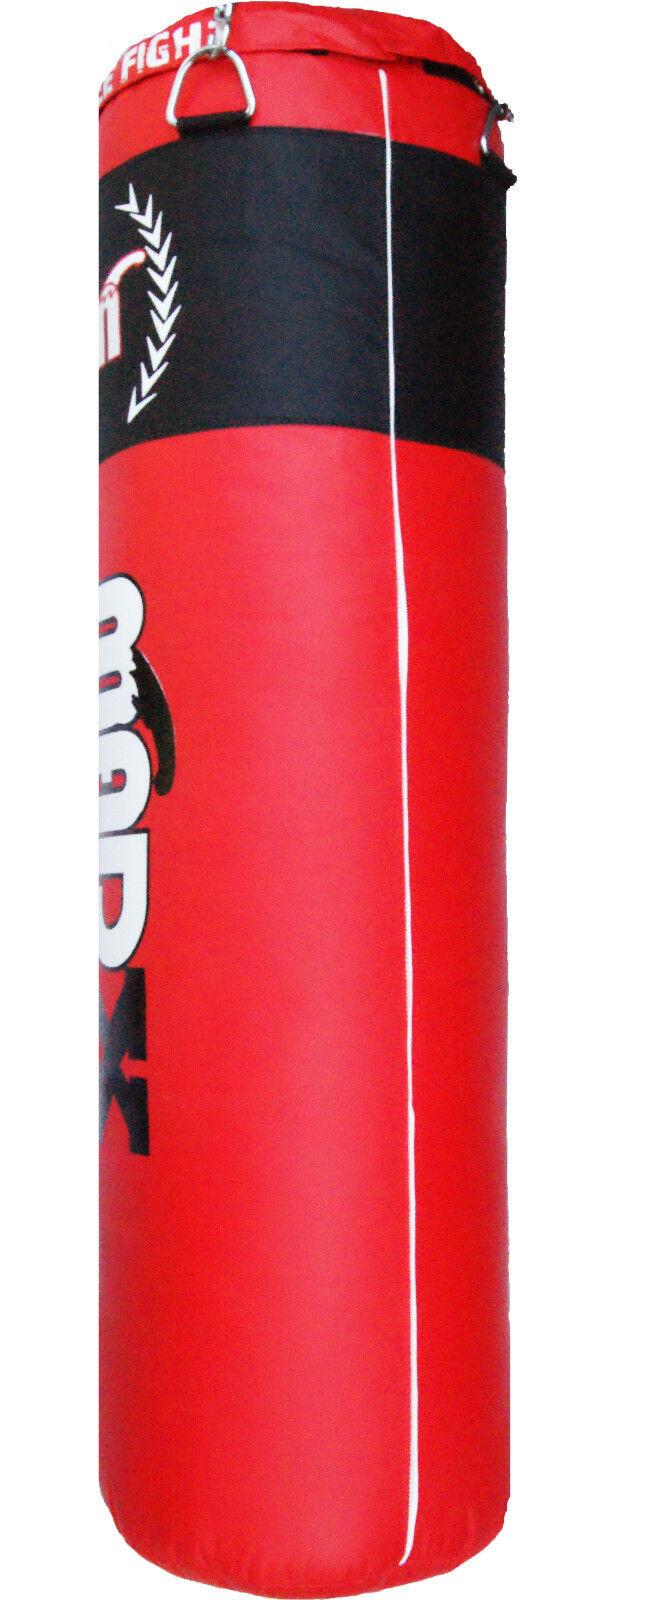 Madx 5ft Rojo filled Saco de boxeo, CADENA Boxeo Bolsa Patada, entrenamiento, ,